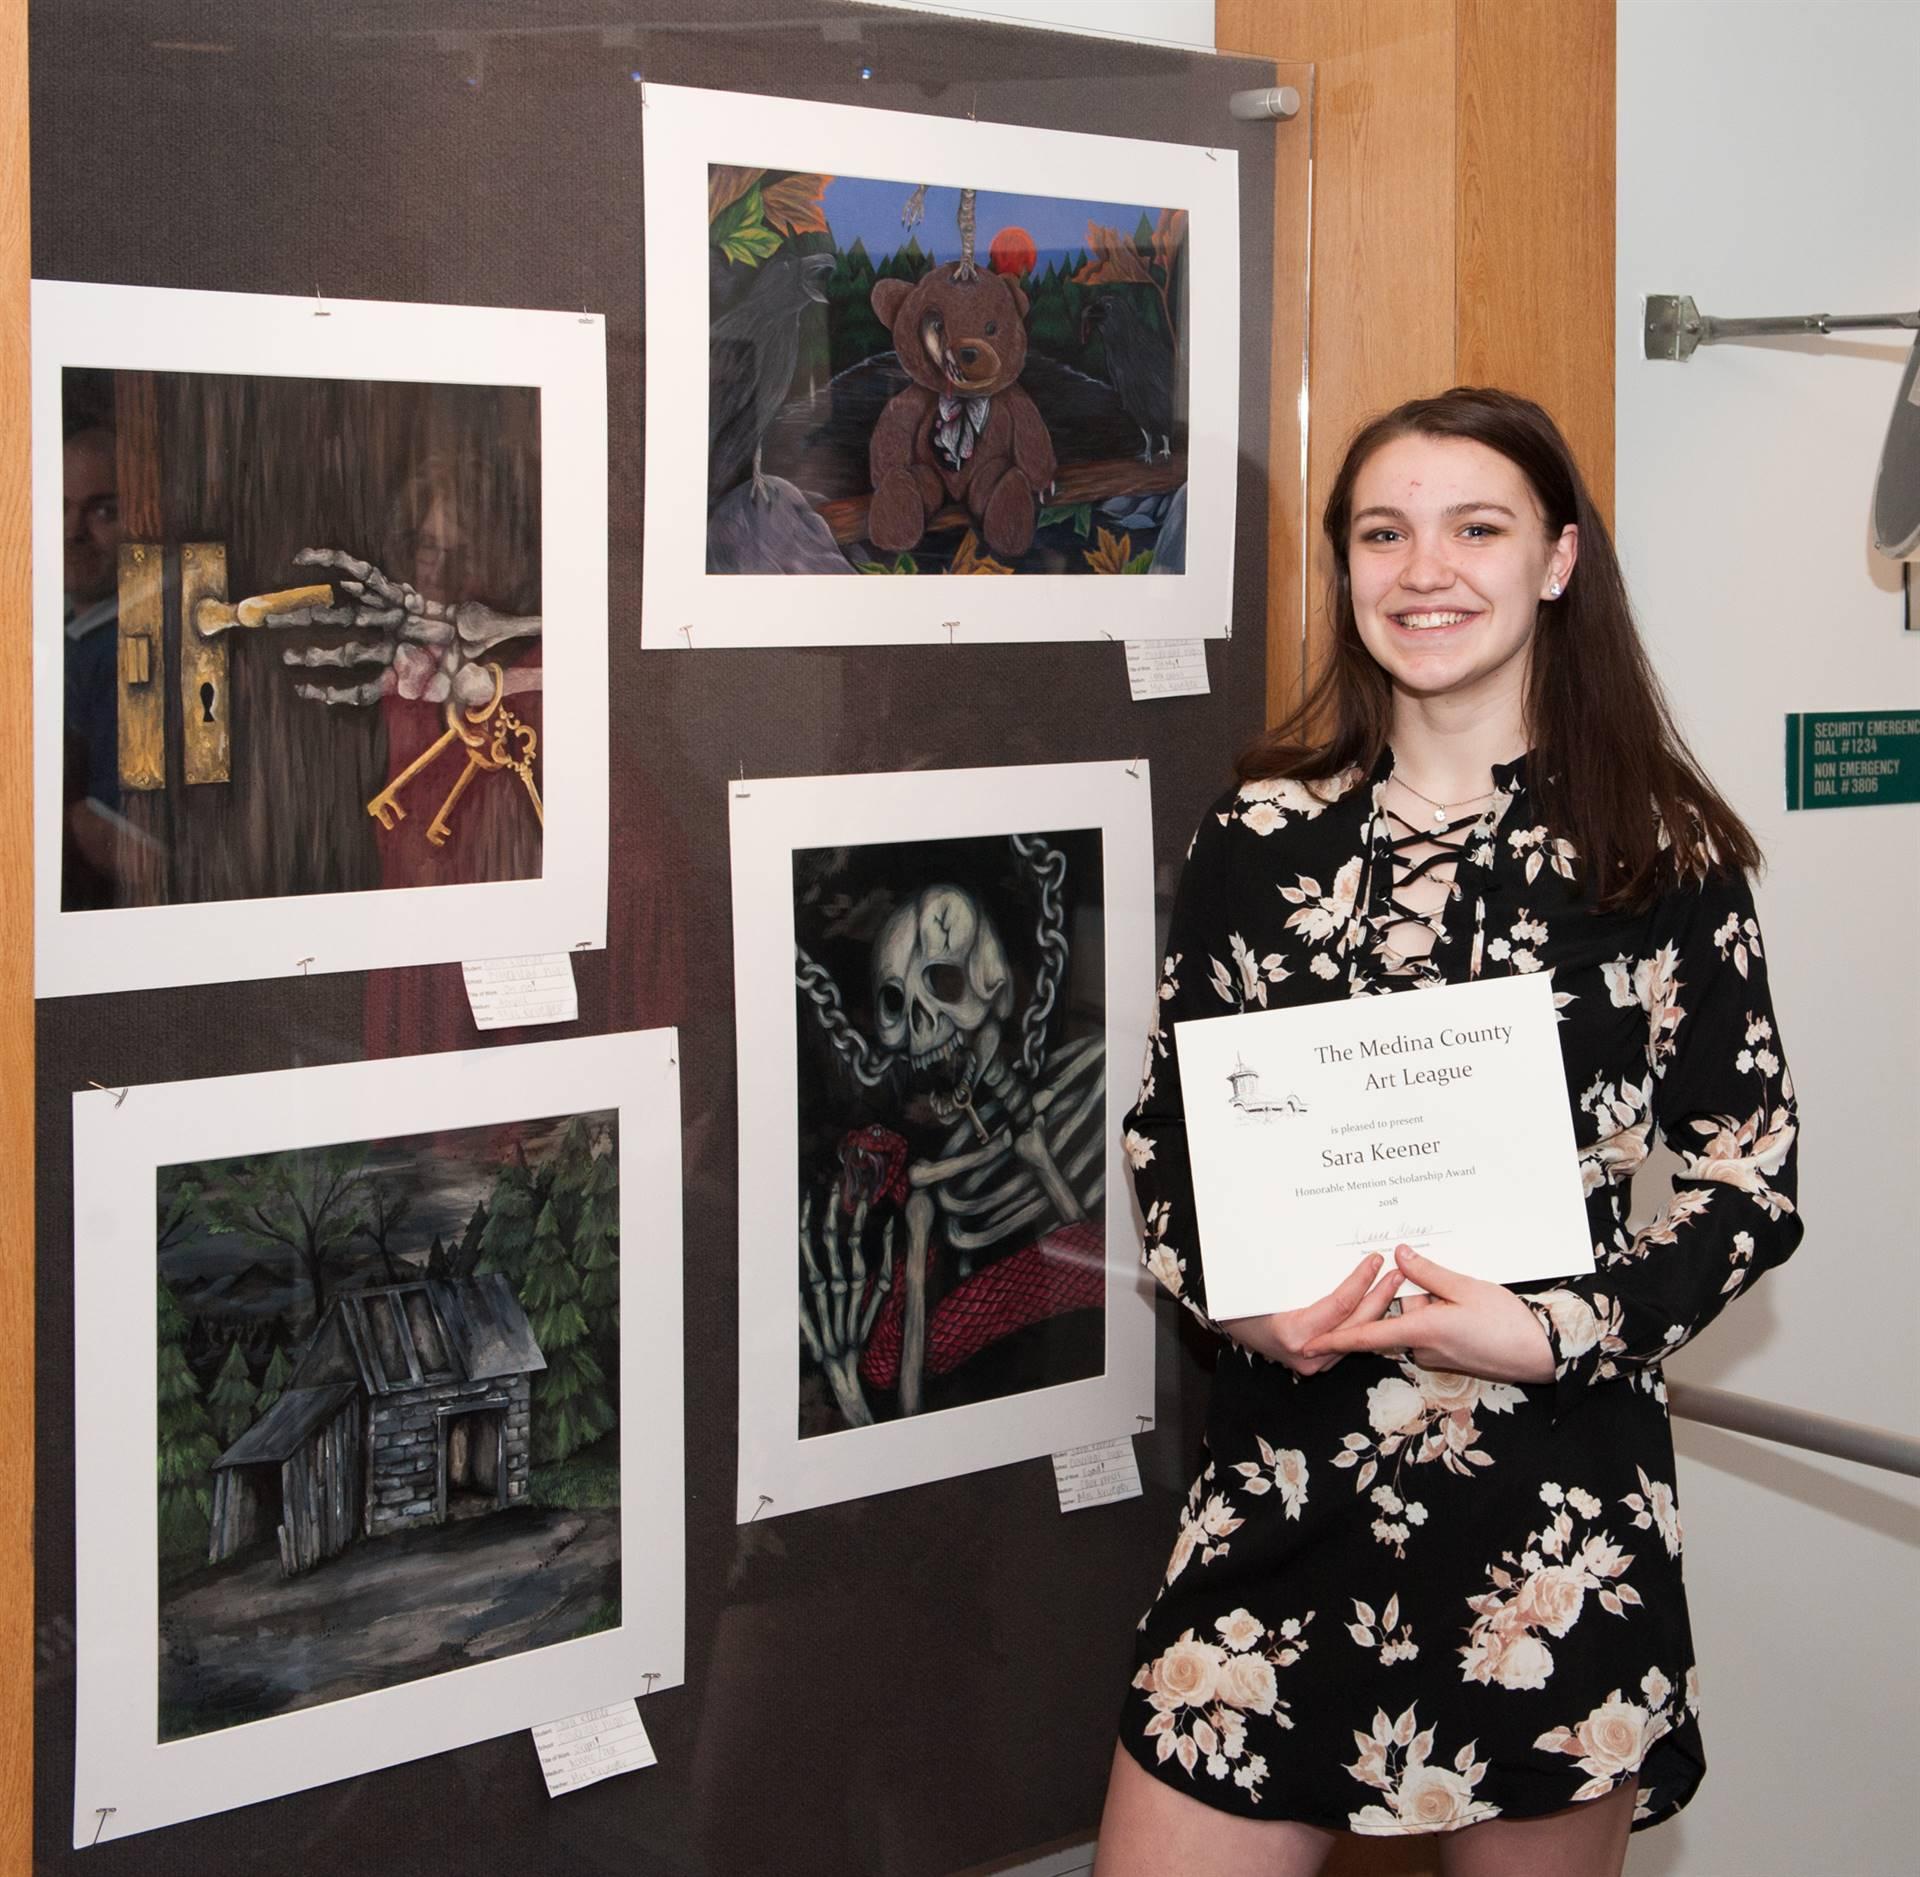 Sara Keener and her artwork display